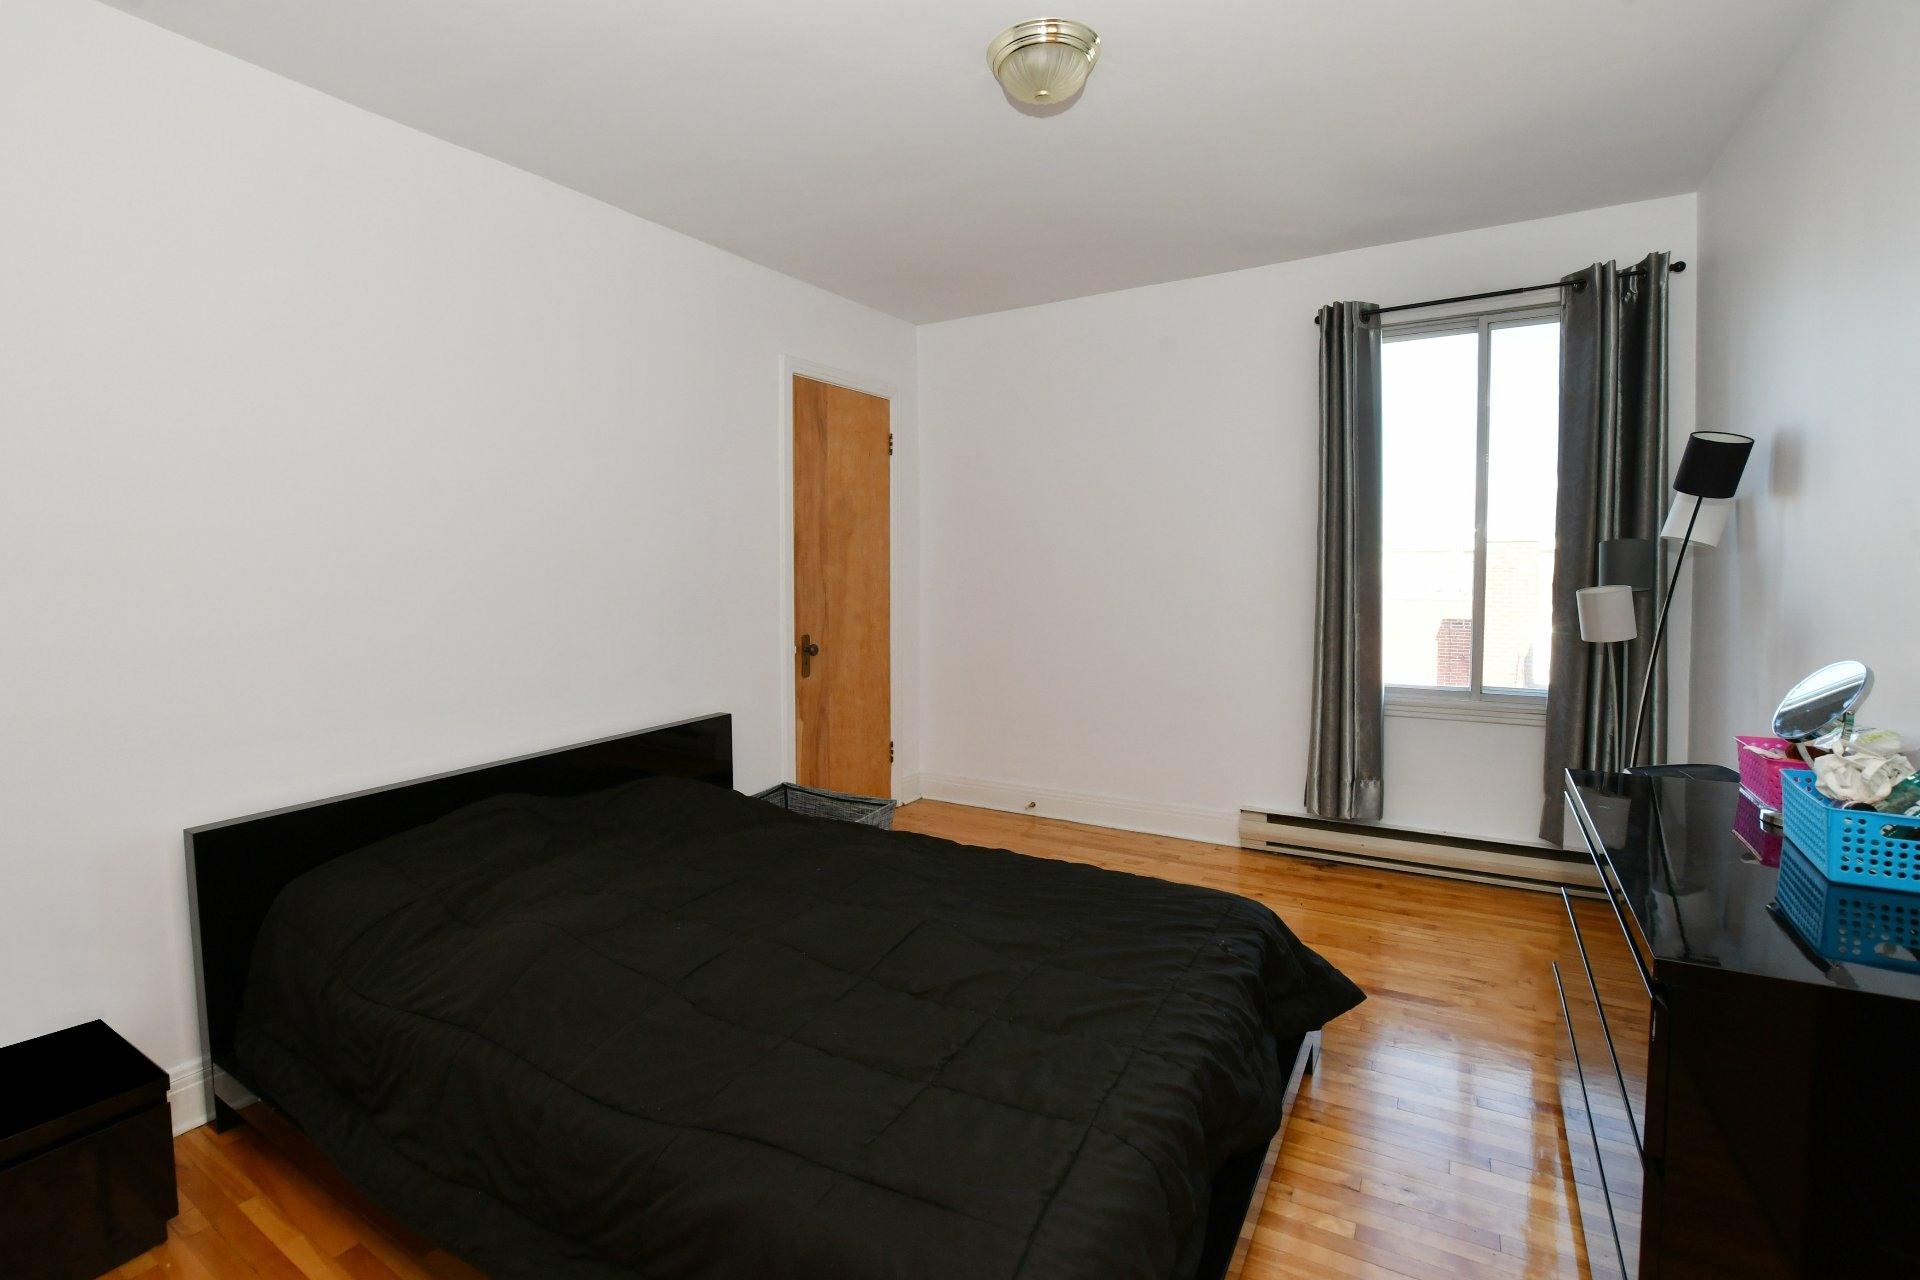 image 5 - Immeuble à revenus À vendre Montréal Villeray/Saint-Michel/Parc-Extension  - 4 pièces